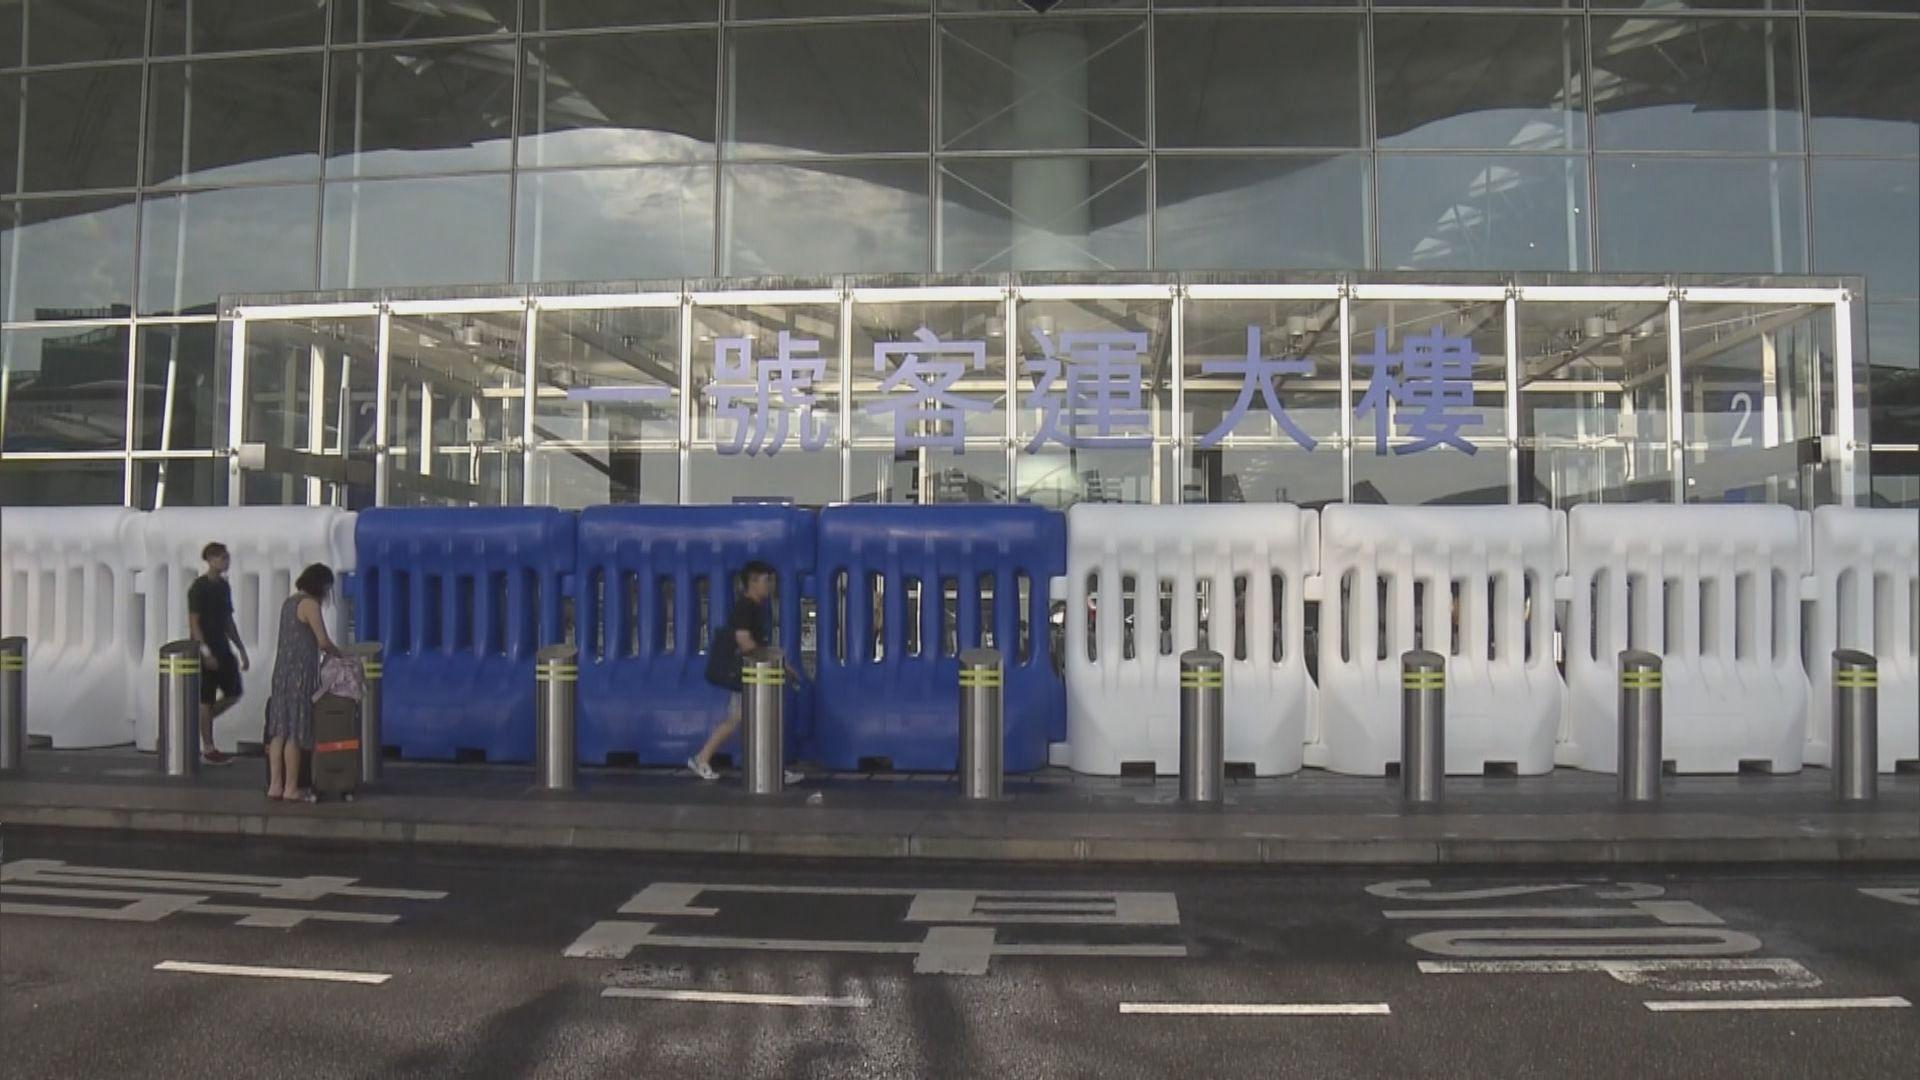 機場恢復運作 示威者大多散去